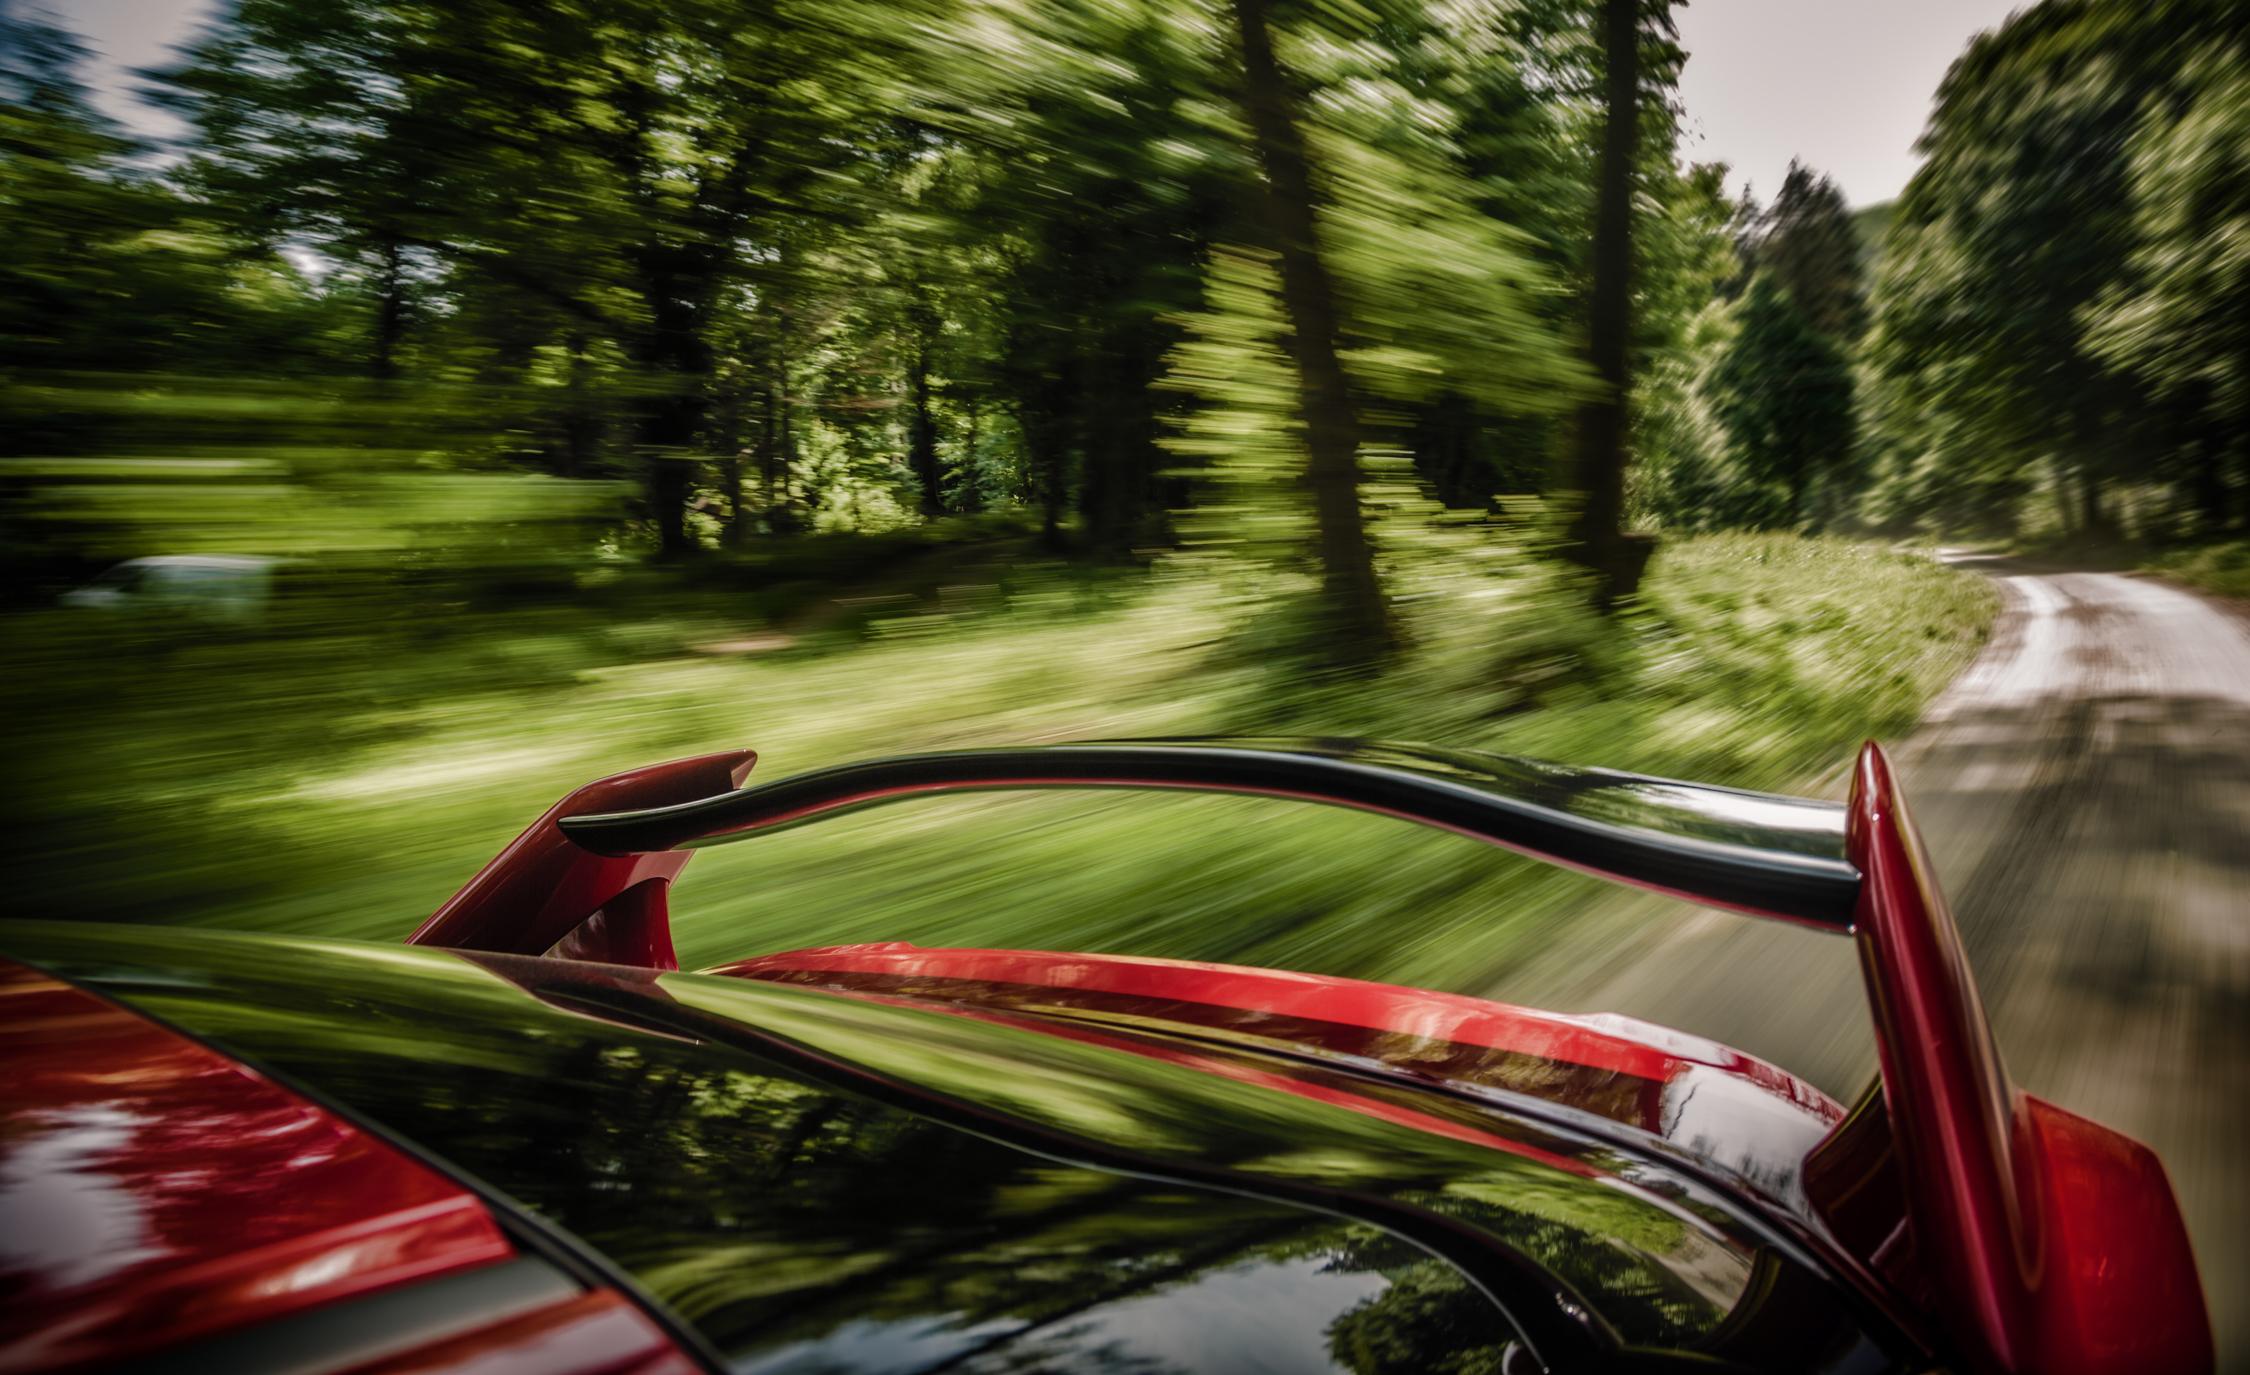 2015 Honda Civic Type R Exterior Rear Spoiler